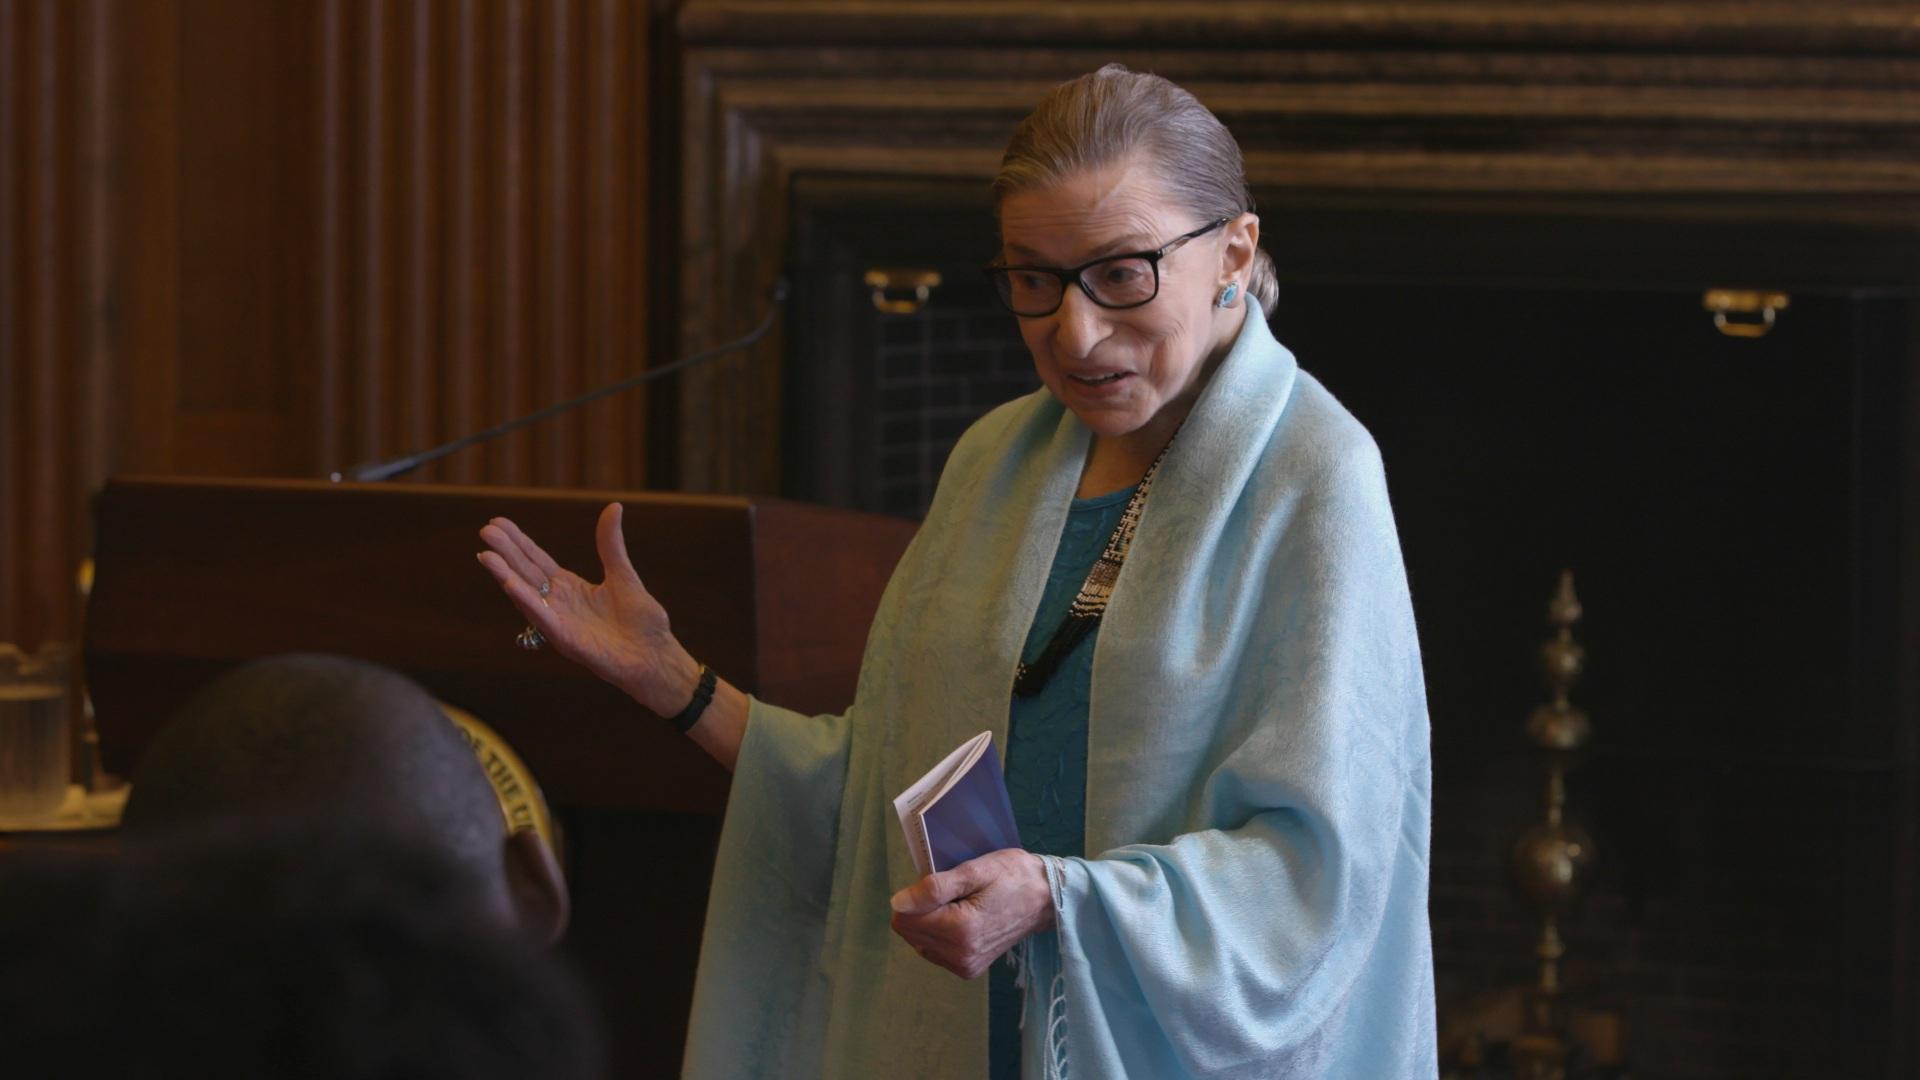 Alla corte di Ruth – RBG: la rivoluzione silenziosa di Ruth Bader Ginsburg